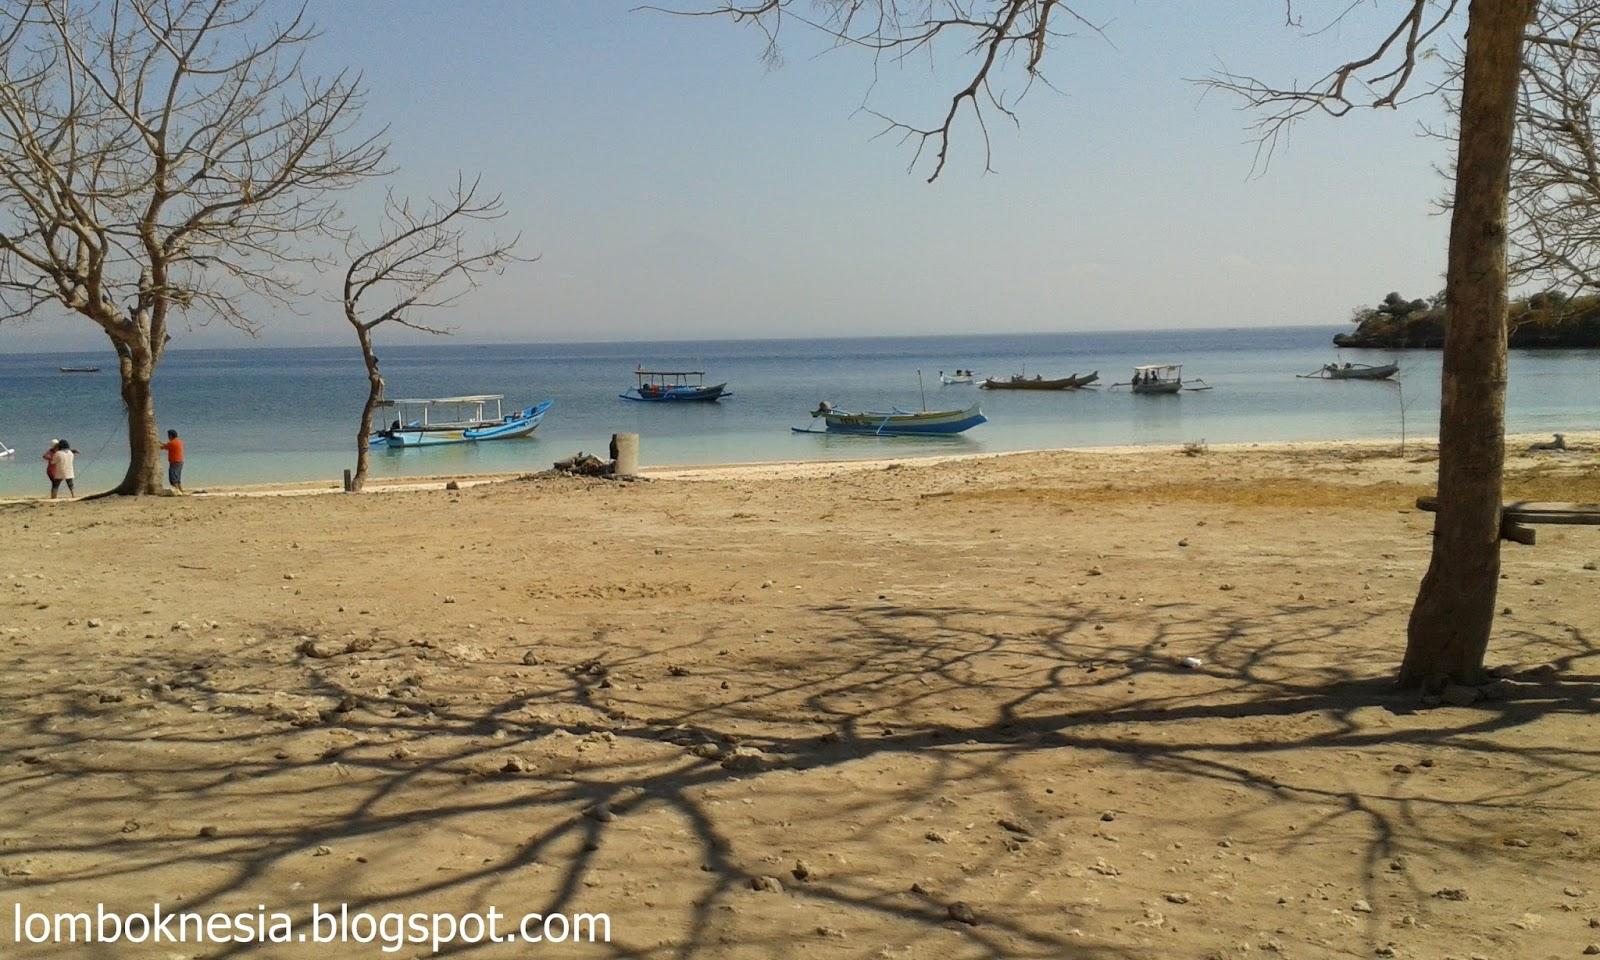 Panduan Tempat Wisata Dan Hotel Lombok Informasi Tentang Pulau Beach Fiesta  Ke Bali